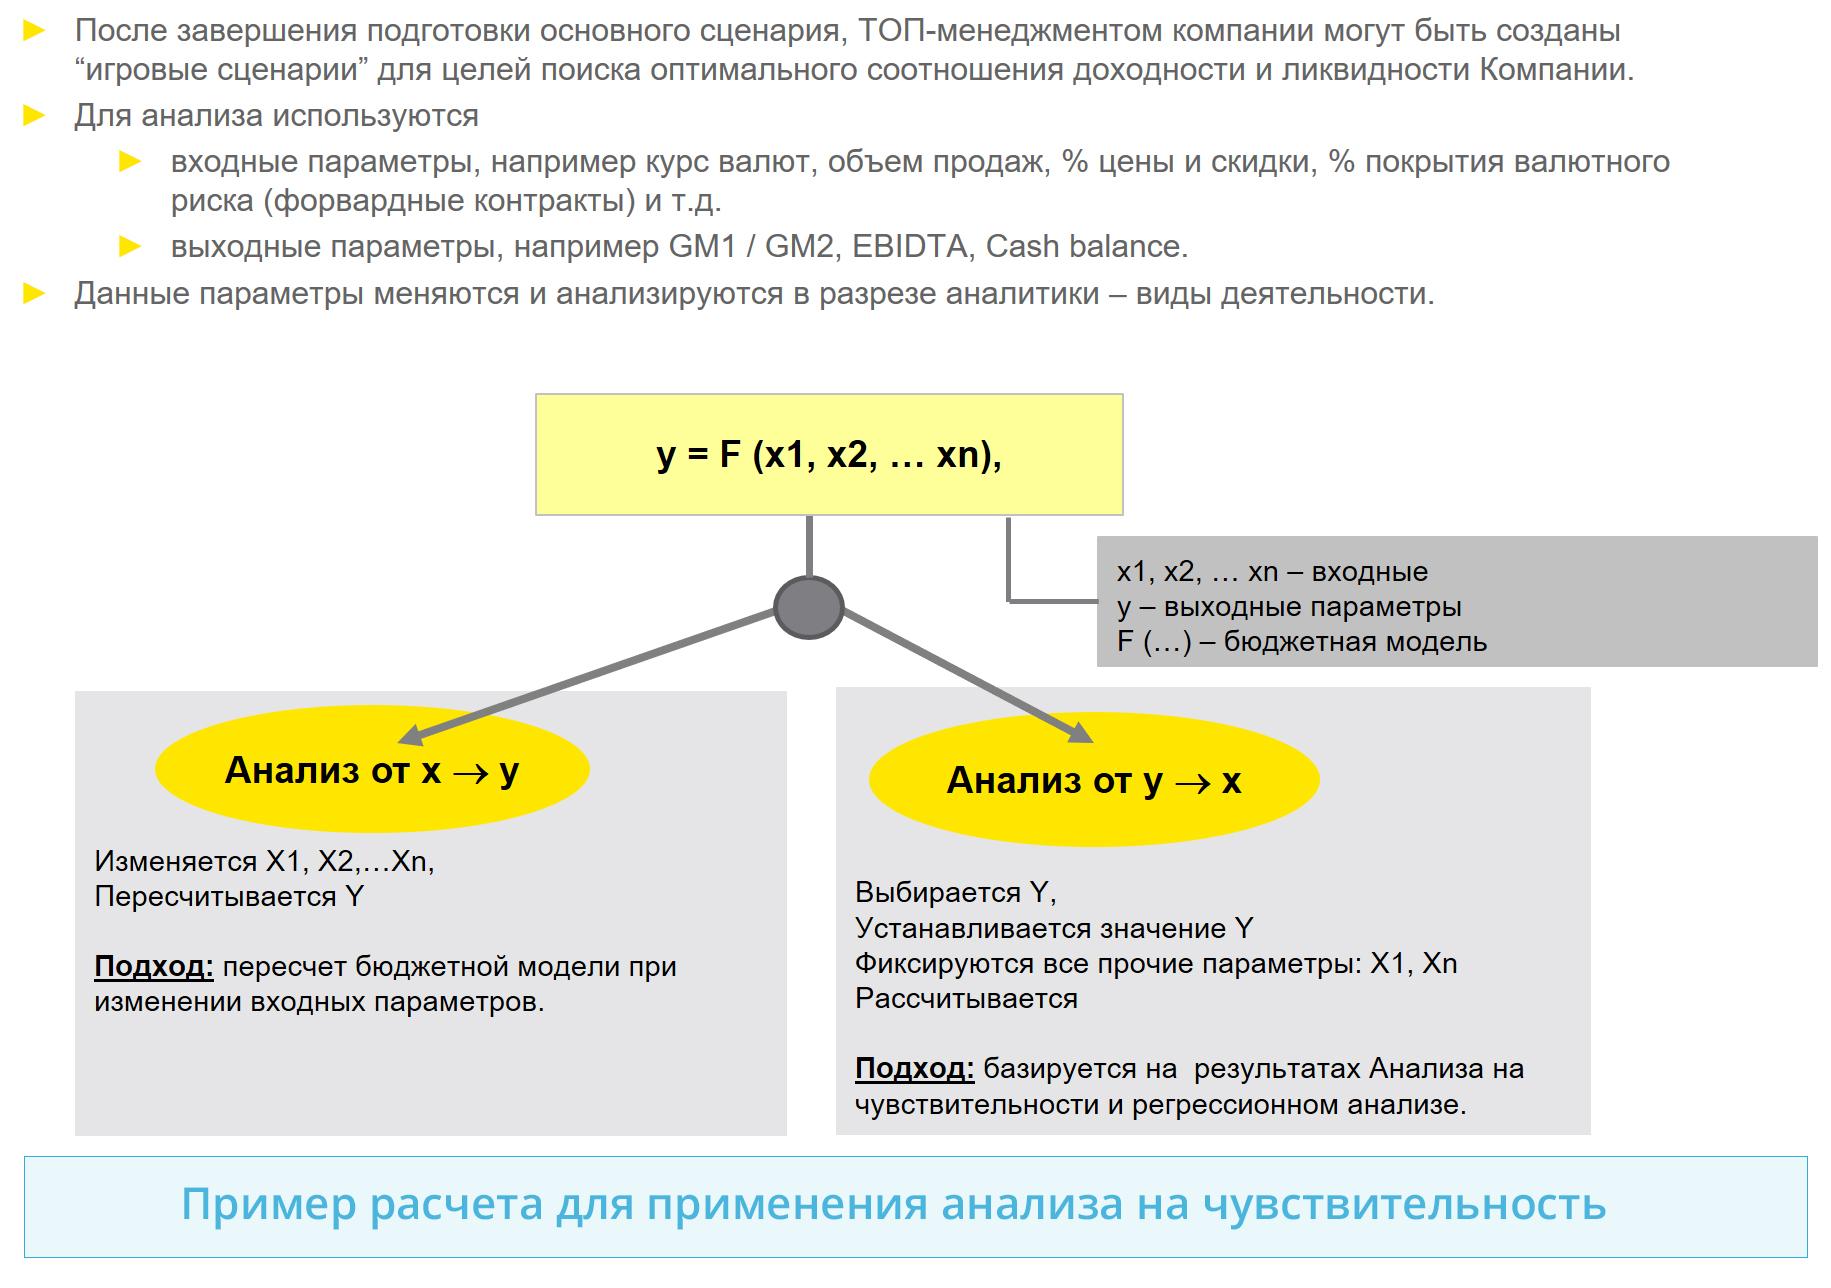 scenarnij-analiz